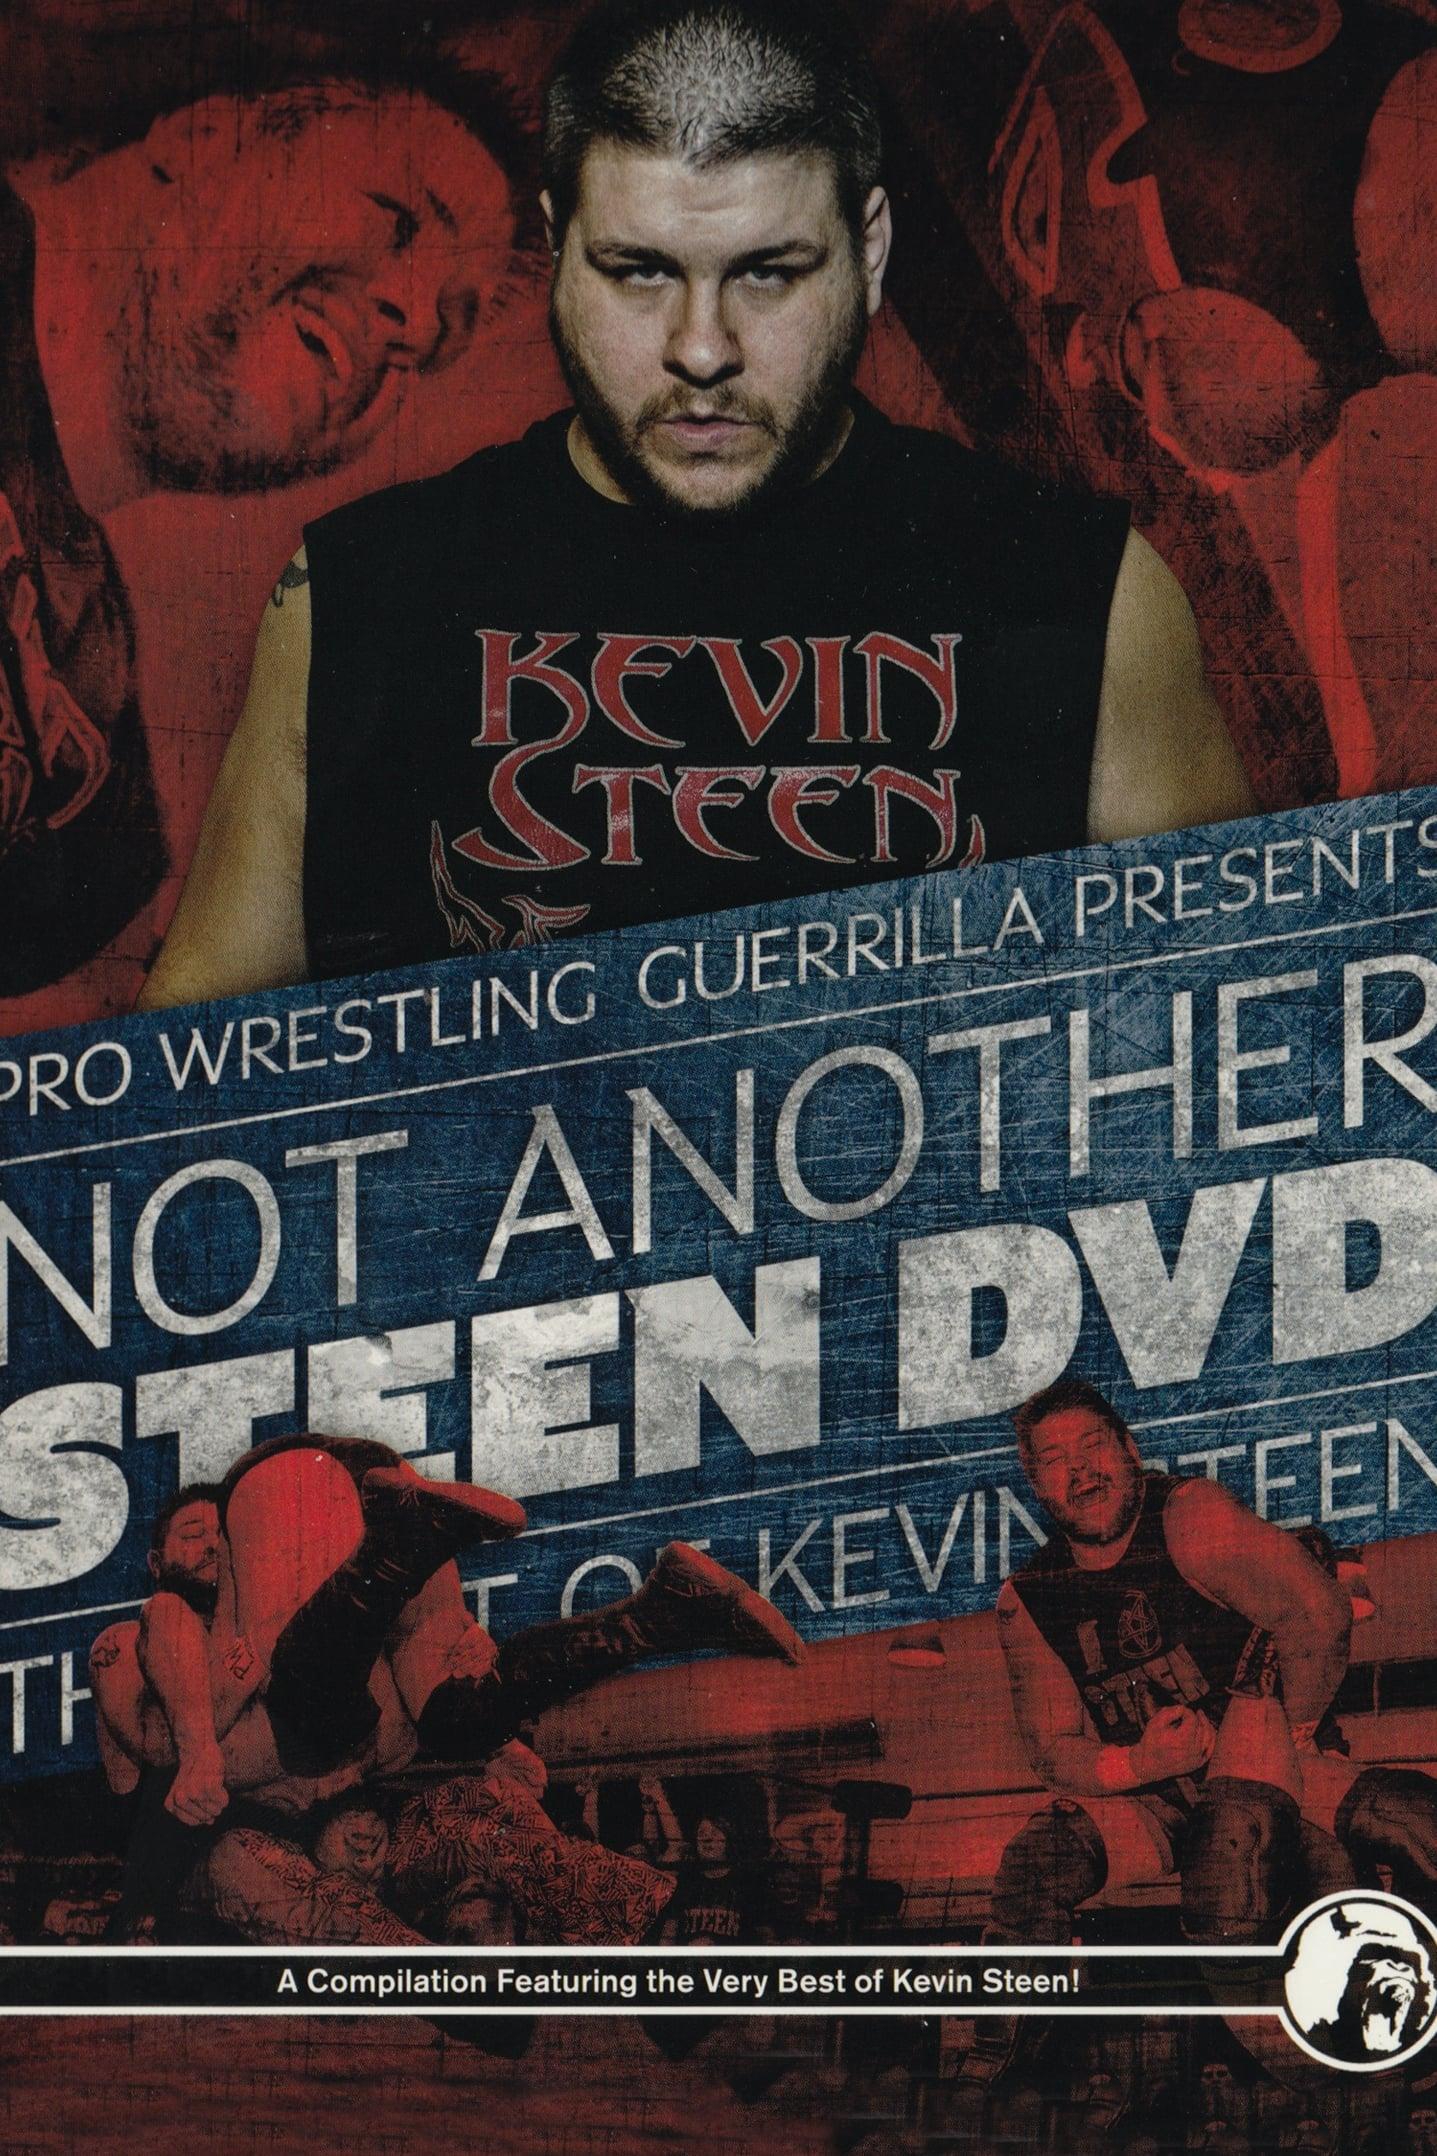 Not Another Steen DVD